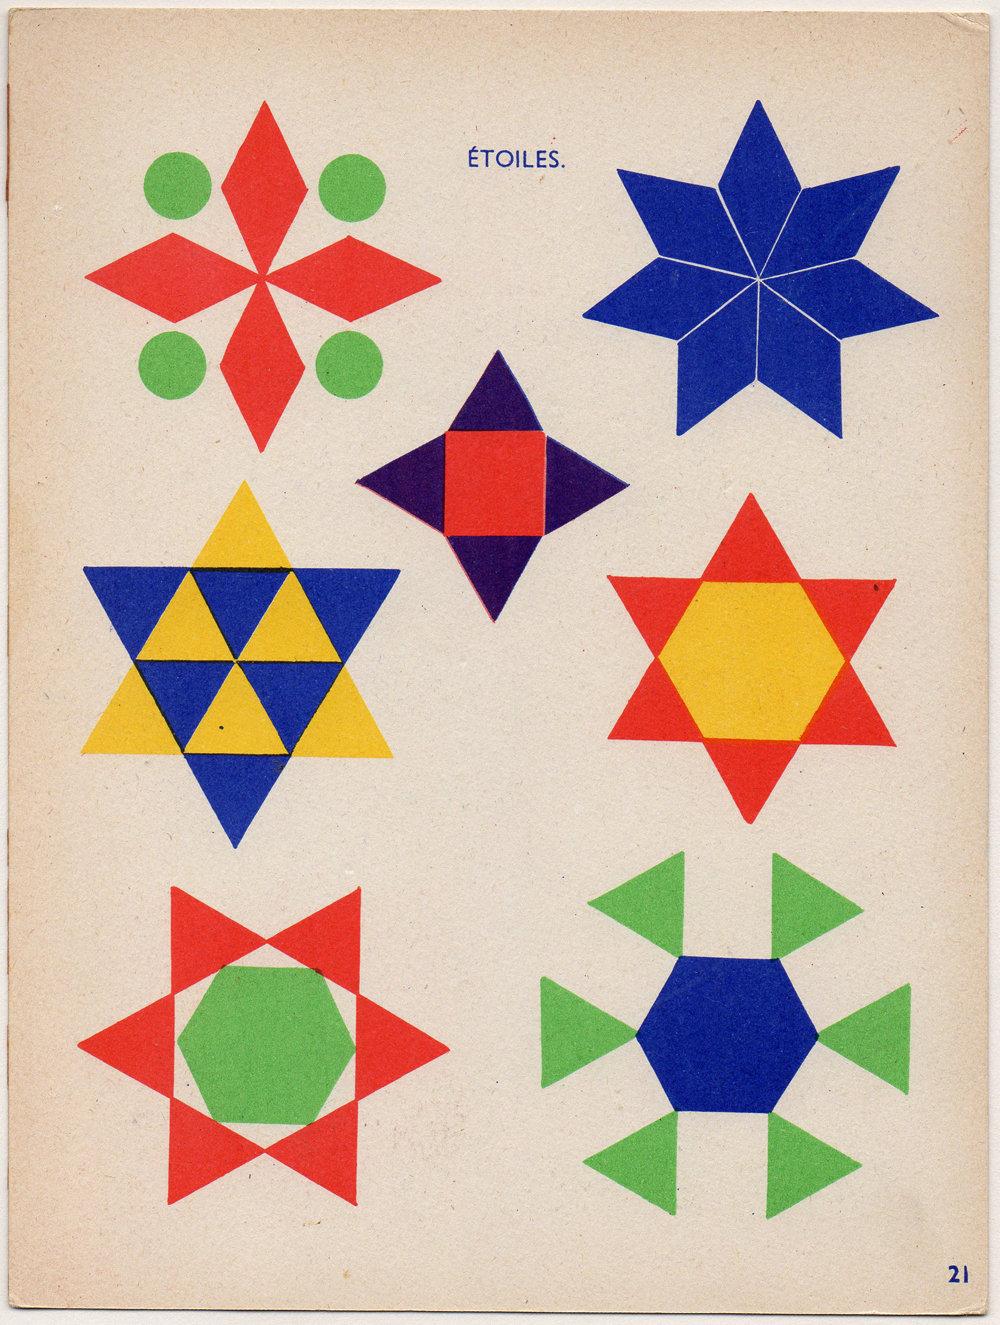 картинки из треугольников кругов и квадратов для школы многих